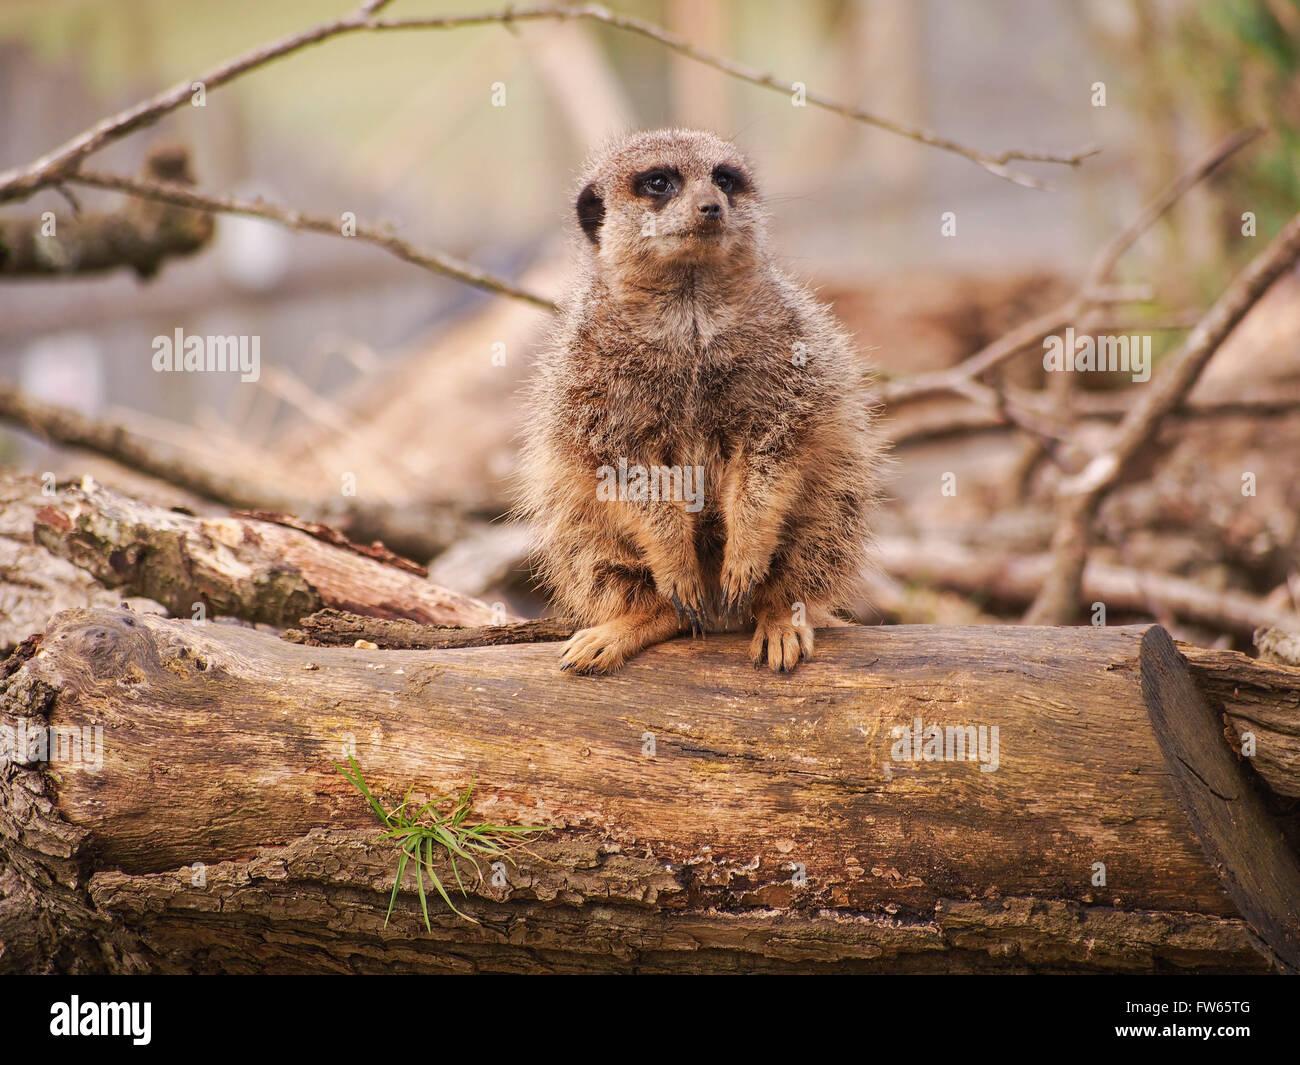 Un Meerkat (Suricata suricatta) en état d'alerte s'est assis sur un journal Photo Stock